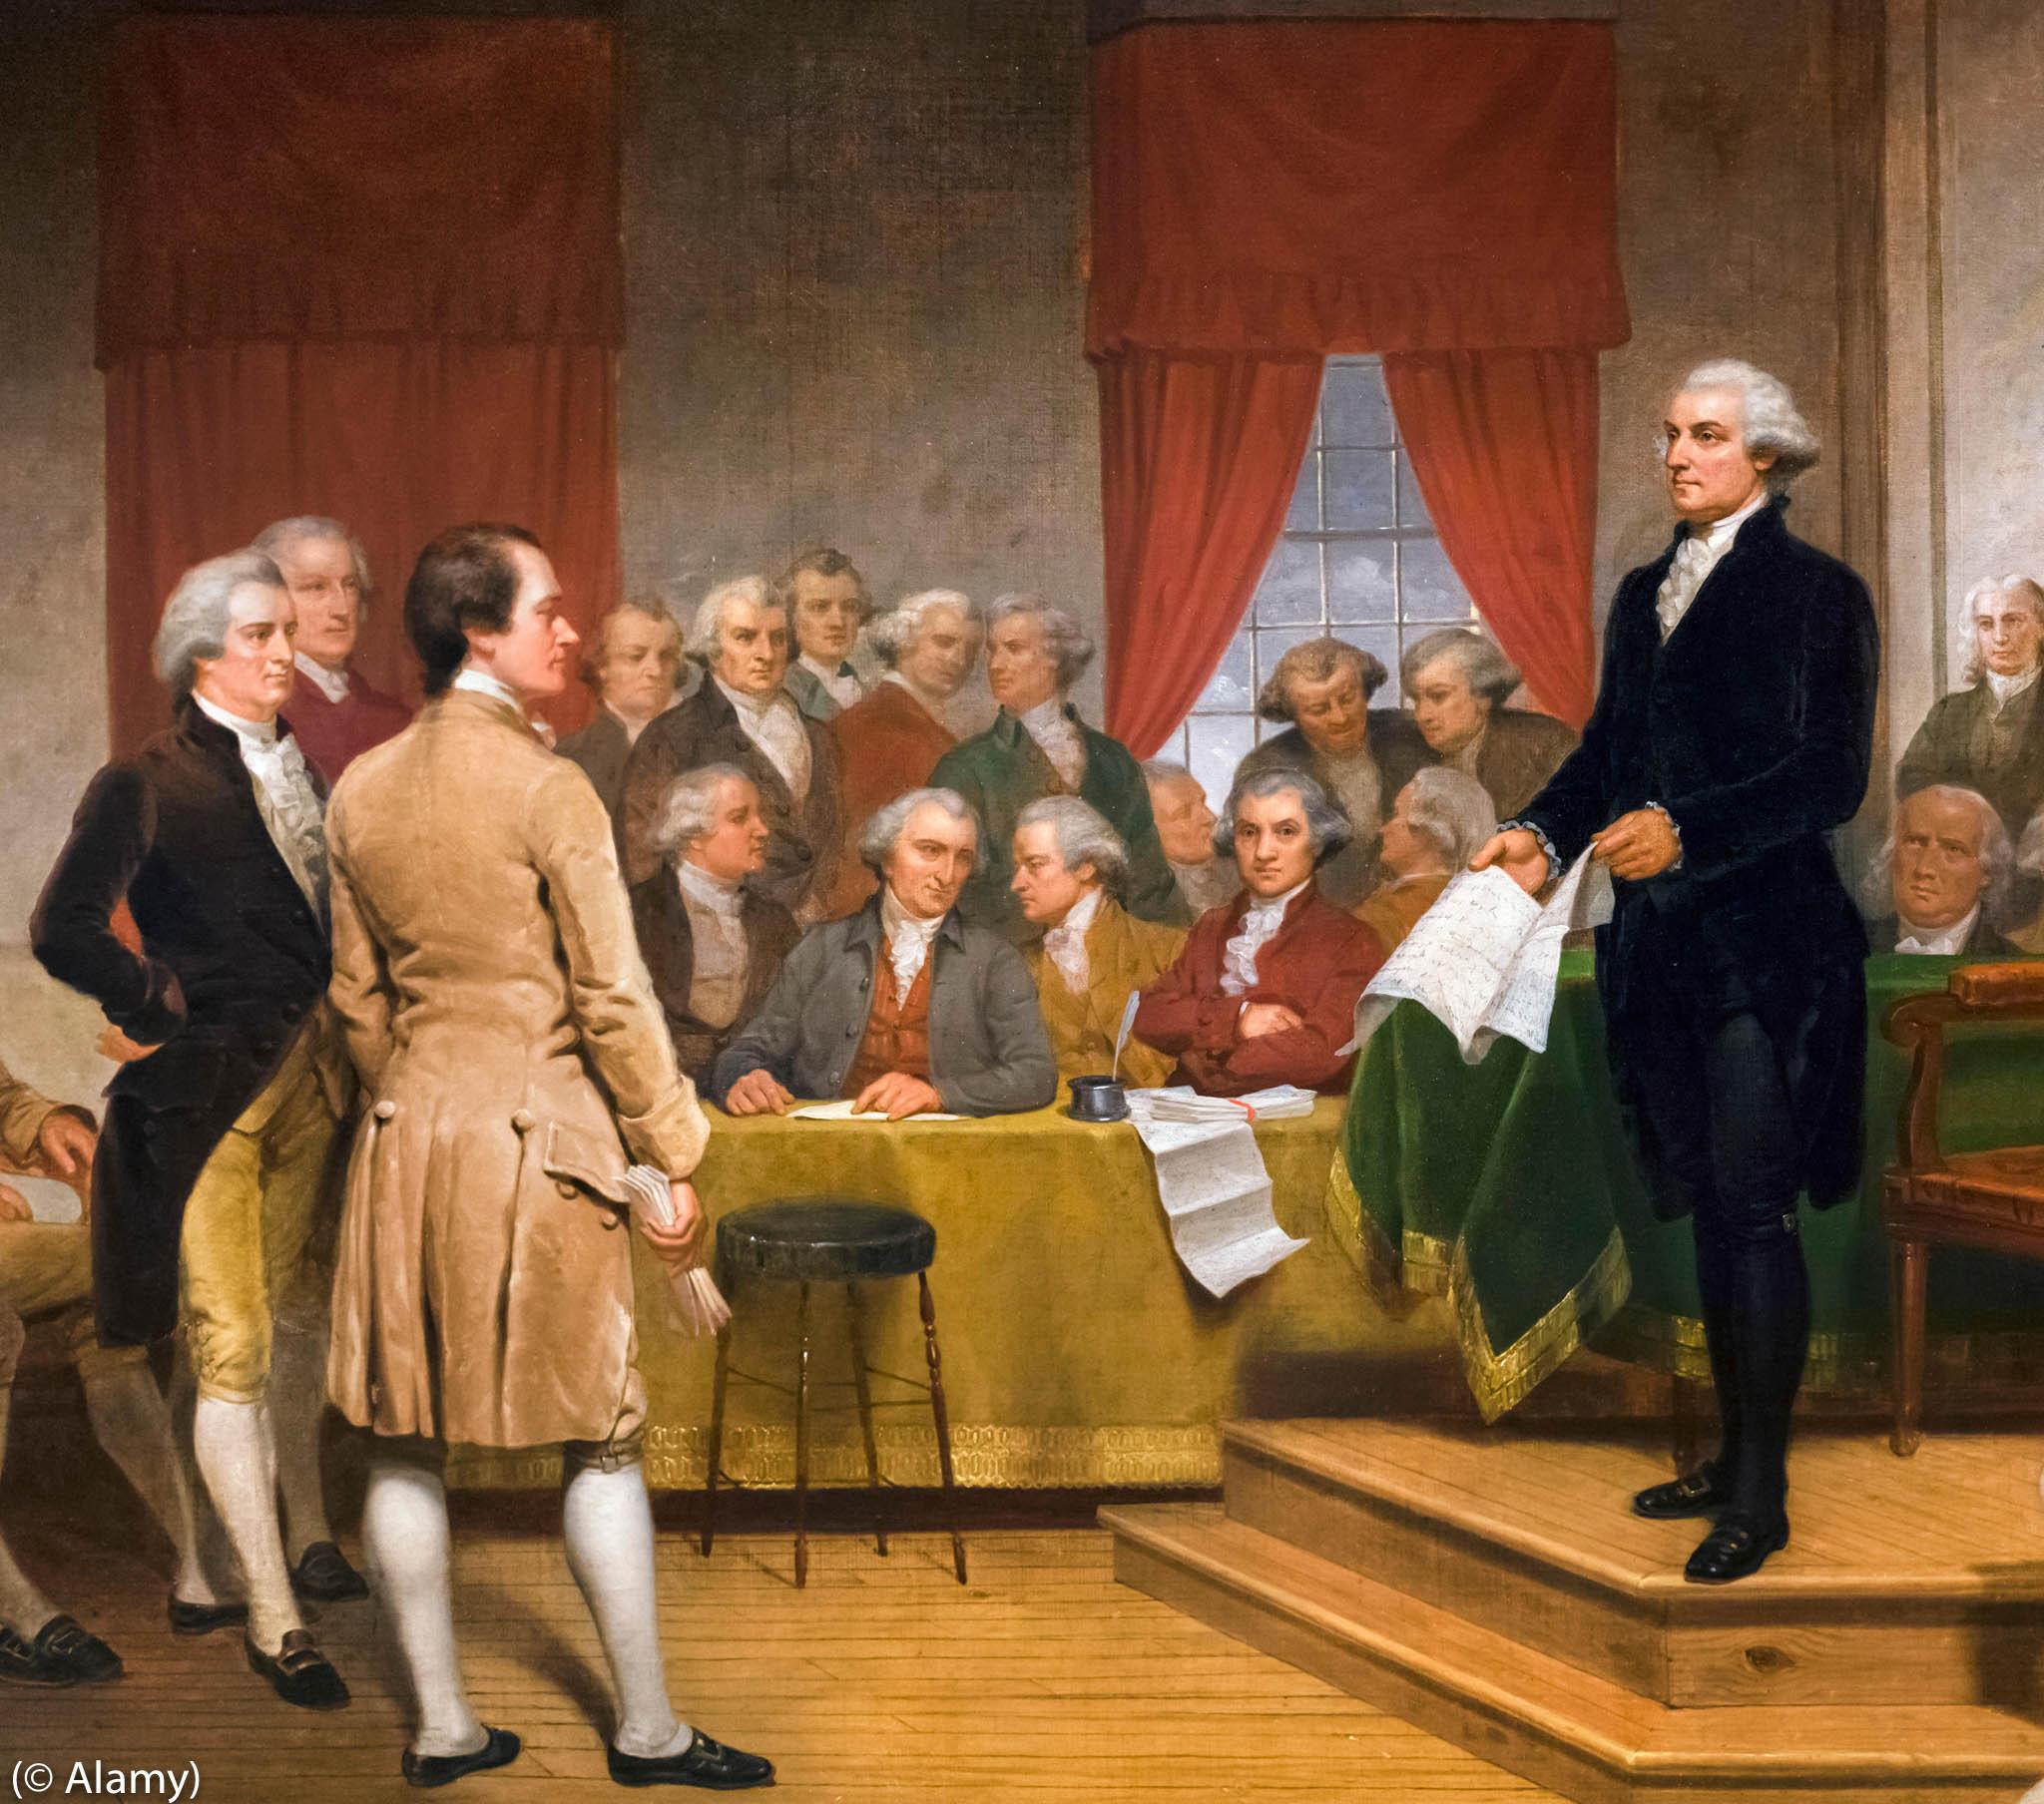 Tableau montrant George Washington en train de parler à un grand nombre de personnes dans une pièce (© Alamy)